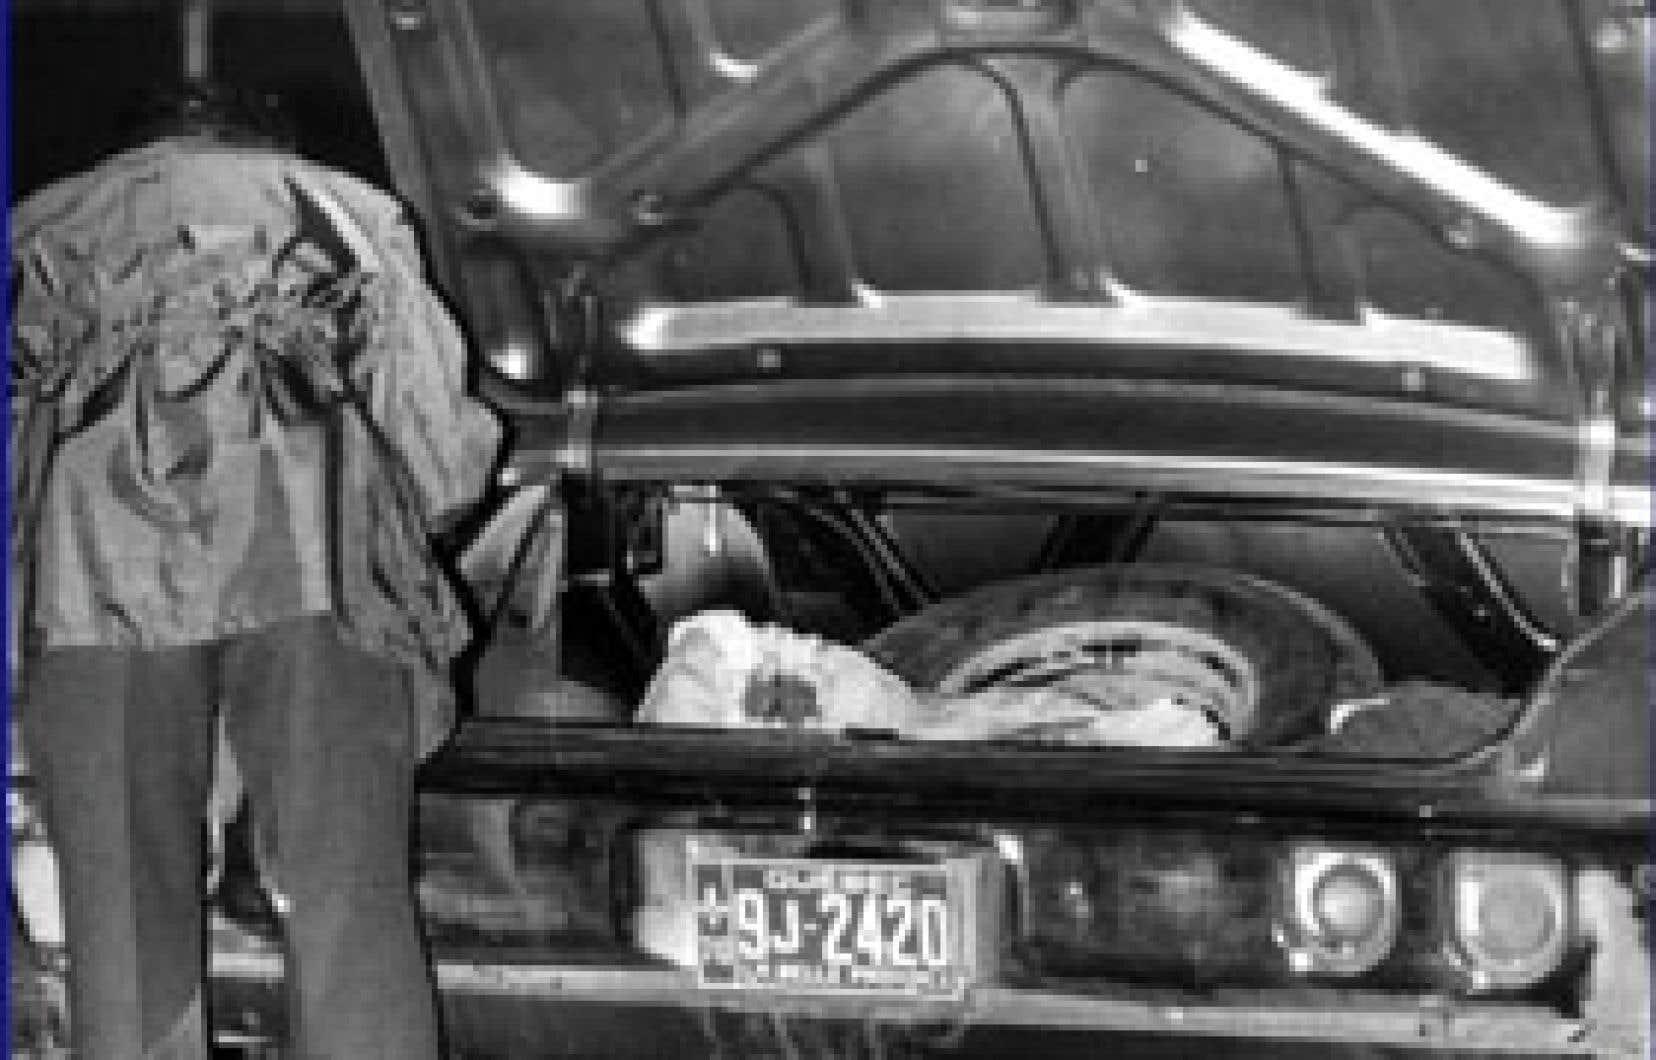 Le coffre de la Chevrolet dans lequel fut retrouvé le corps de Pierre Laporte. Source Télé-Québec